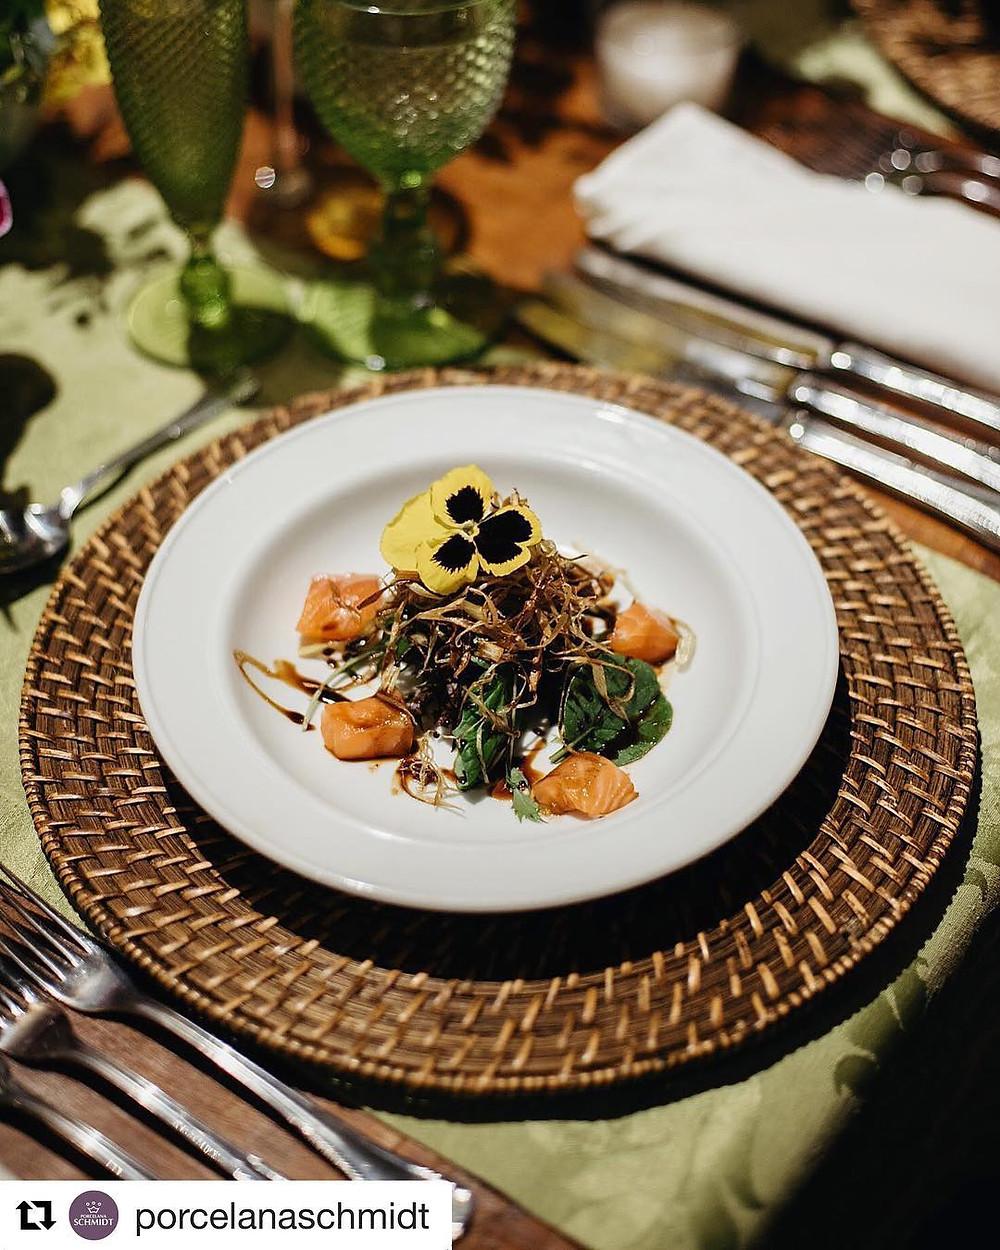 Gastronomia para eventos, buffet em são paulo, gastronomia para casamentos, catering